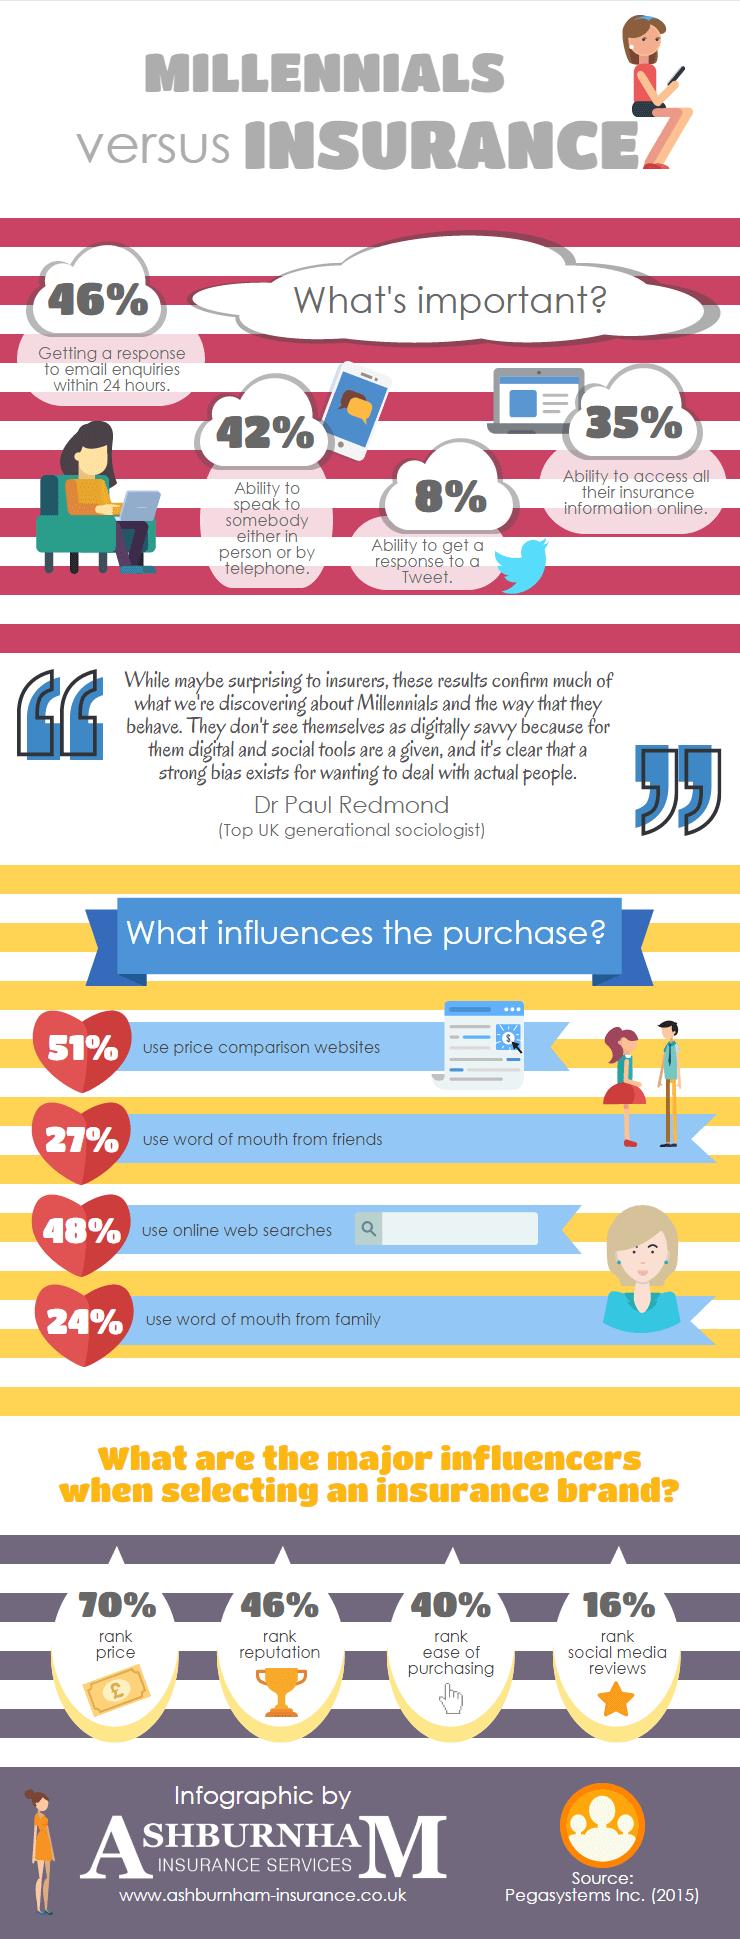 Millennials vs Insurance Infographic